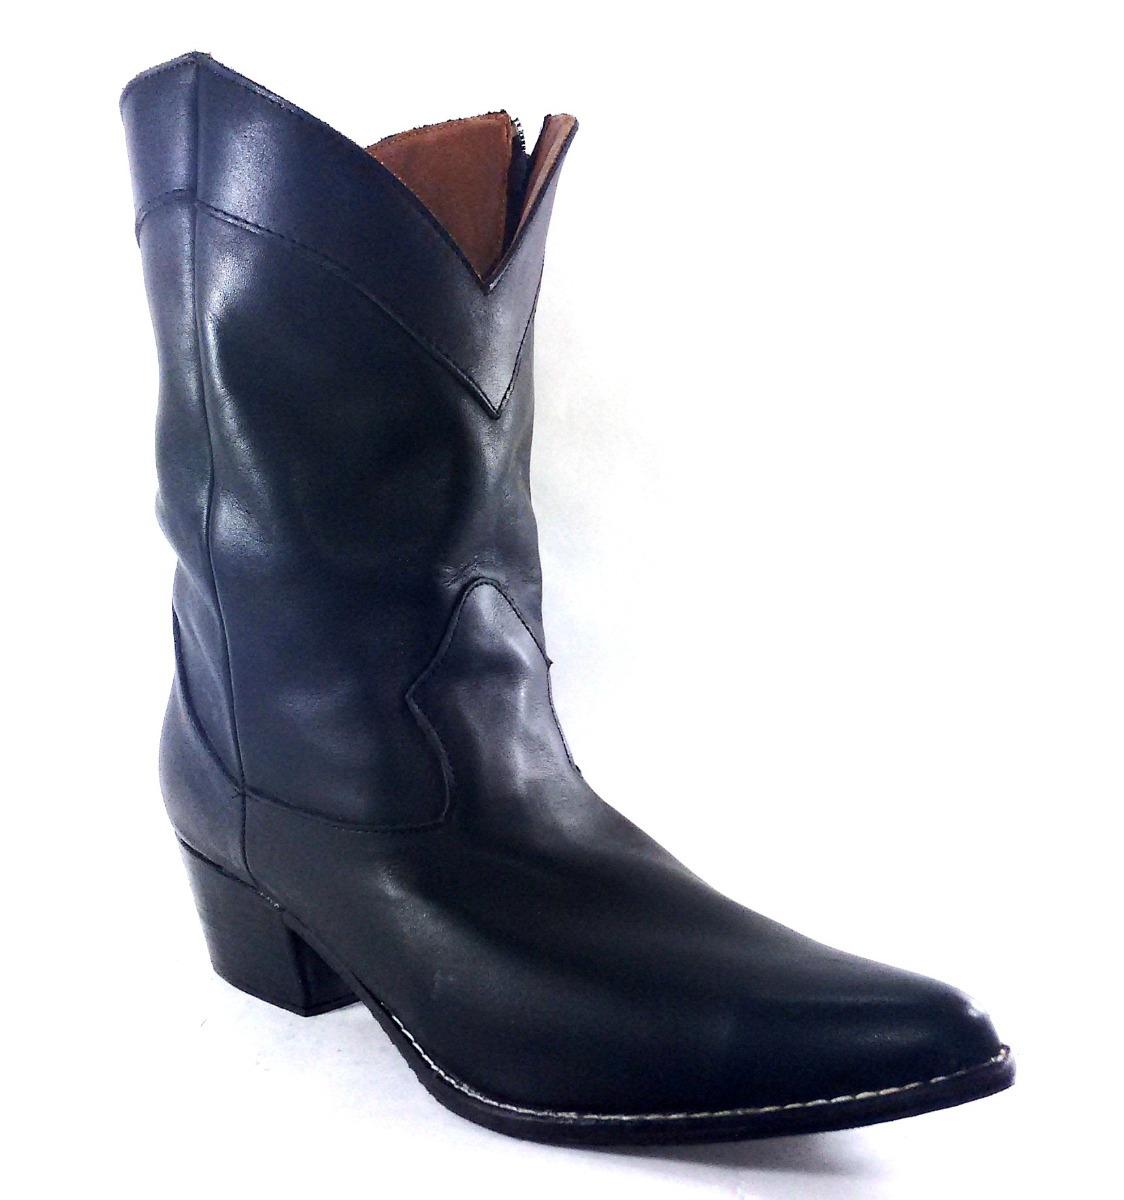 1a83b4d228 sam123 botas cortas mujer talle grande cuotas tex negras. Cargando zoom.